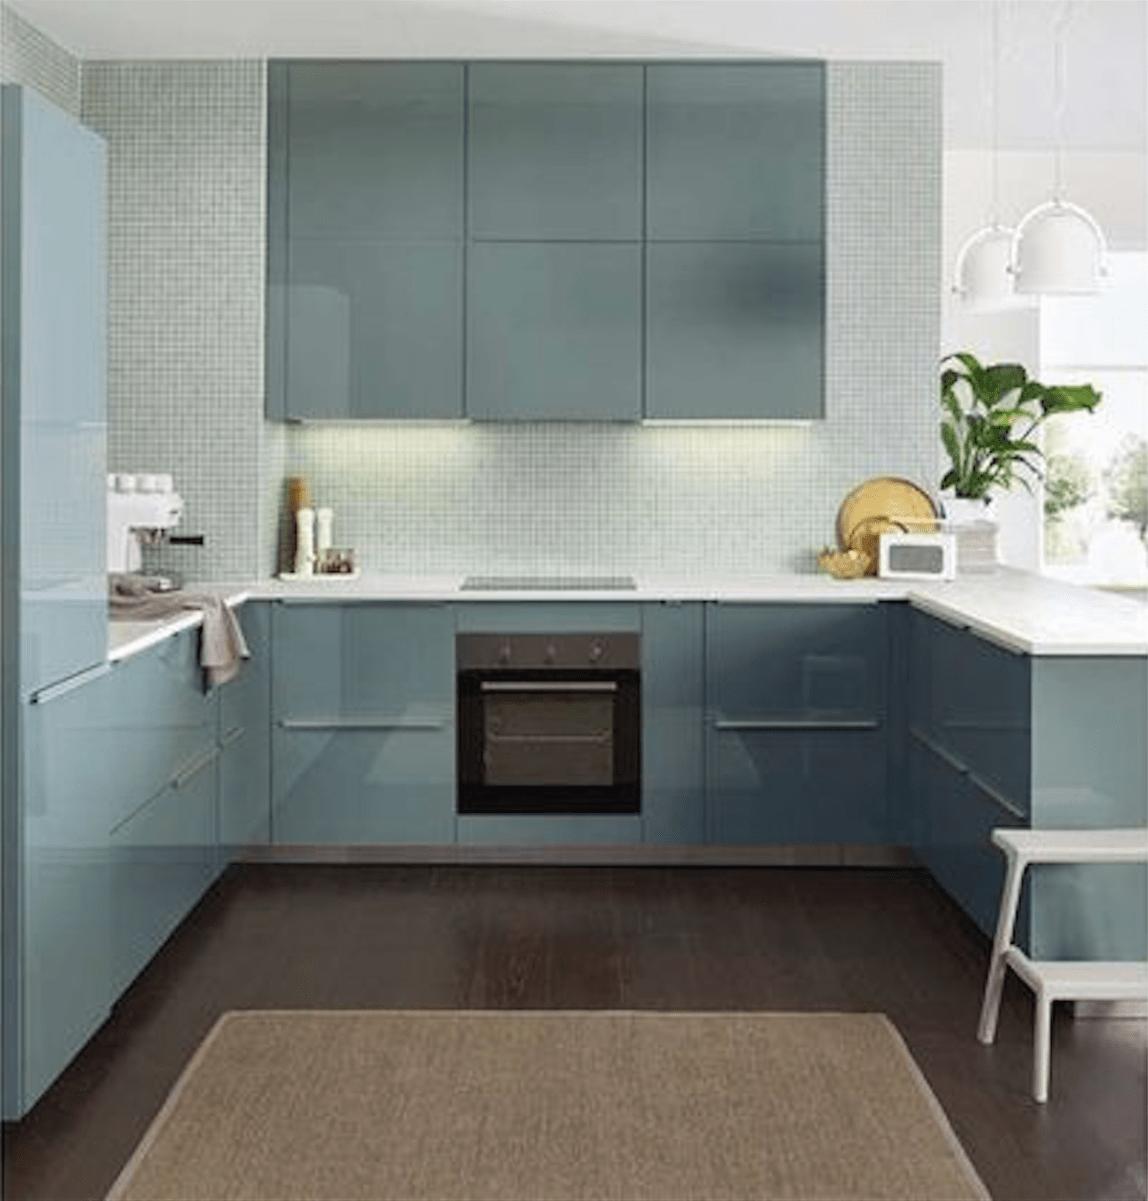 kitchen inspiration and ideas ikea kallarp kitchen turquoise kitchen pinterest ikea. Black Bedroom Furniture Sets. Home Design Ideas